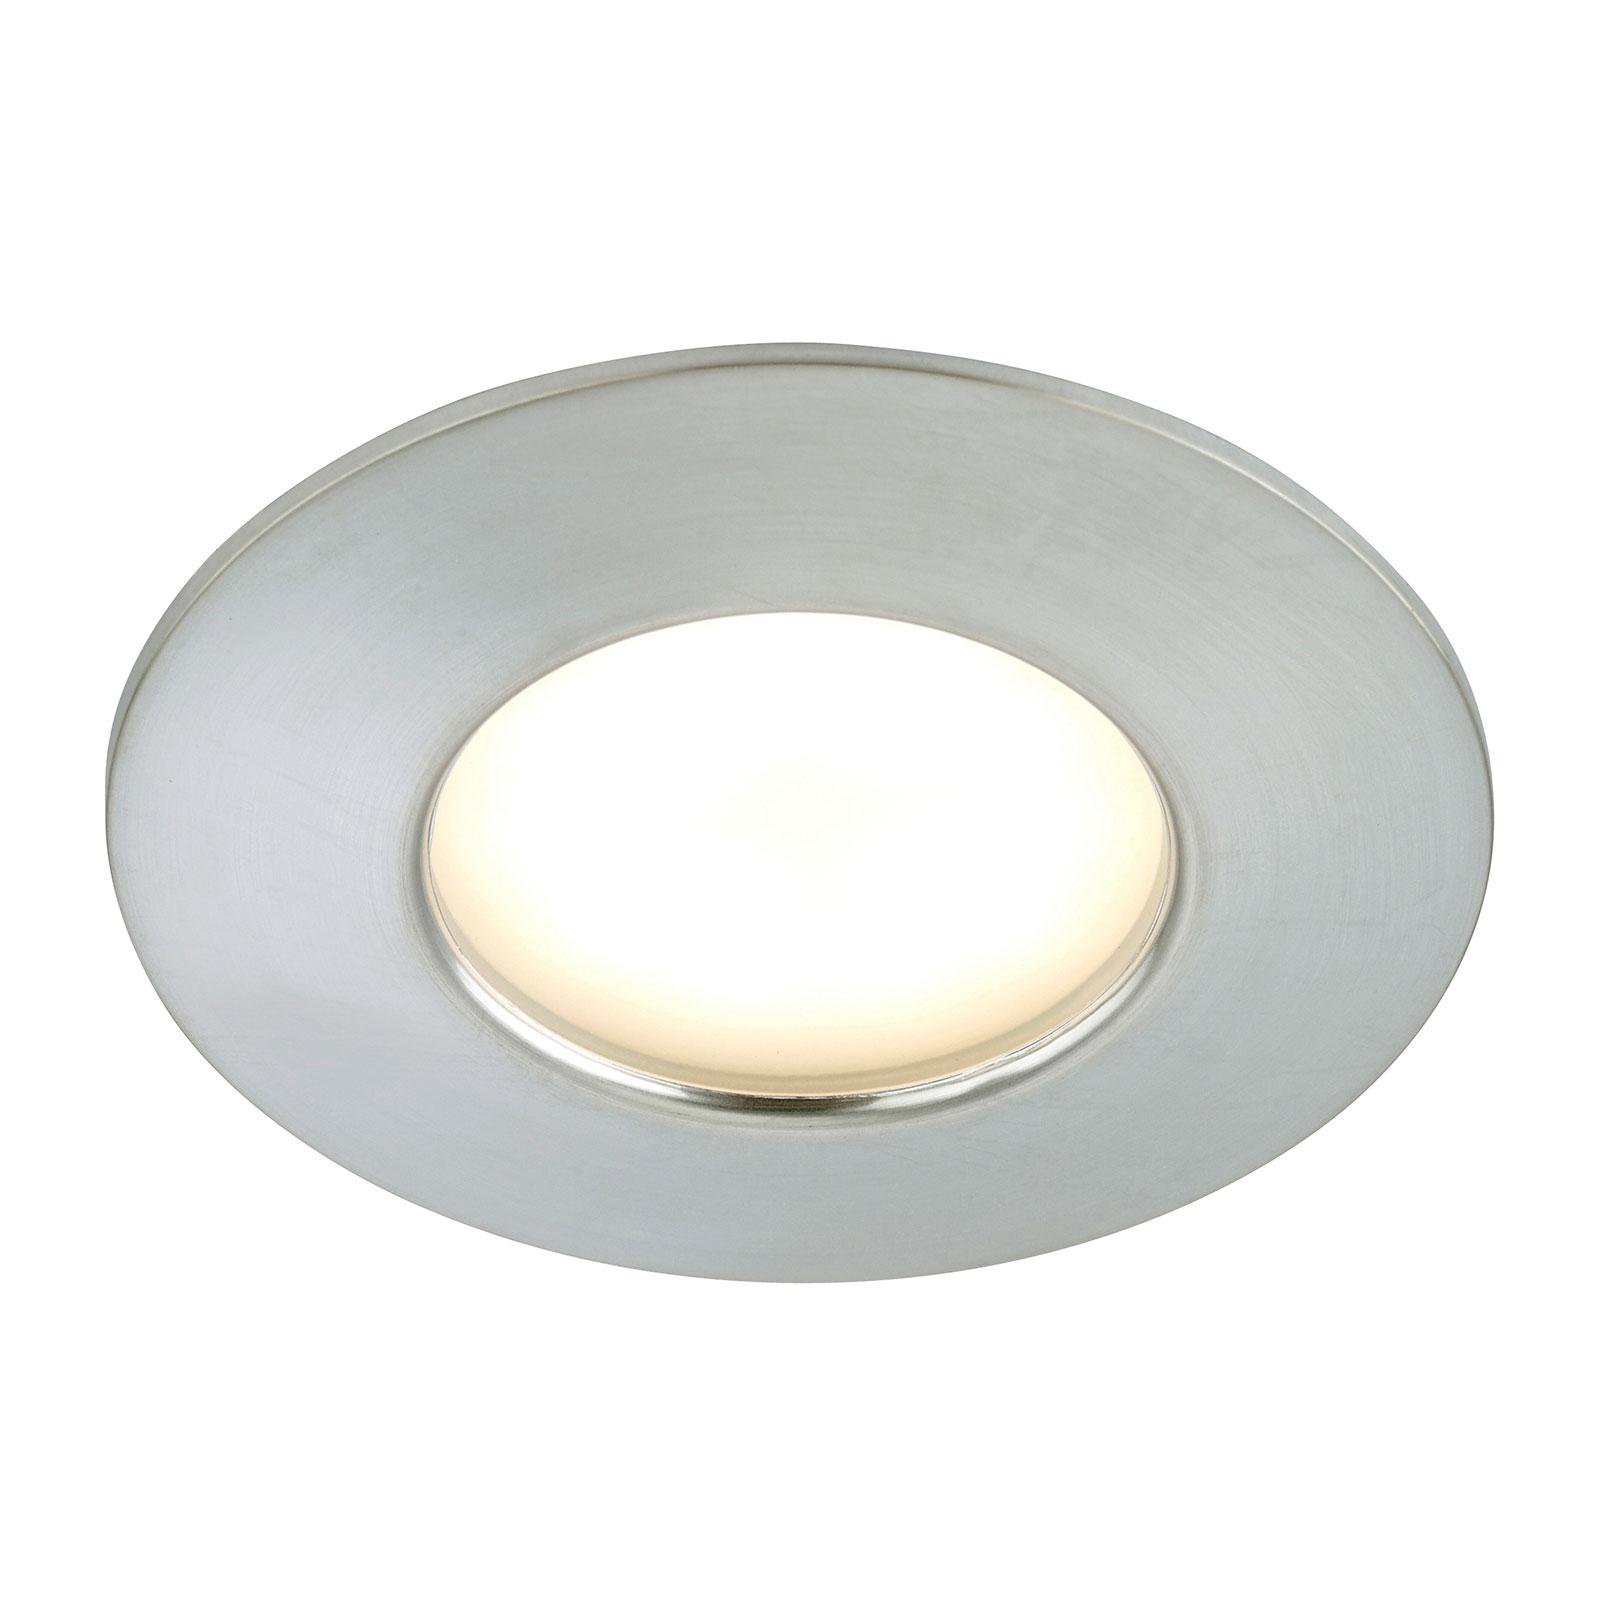 Aluminiowa oprawa wpuszczana LED Felia, IP44